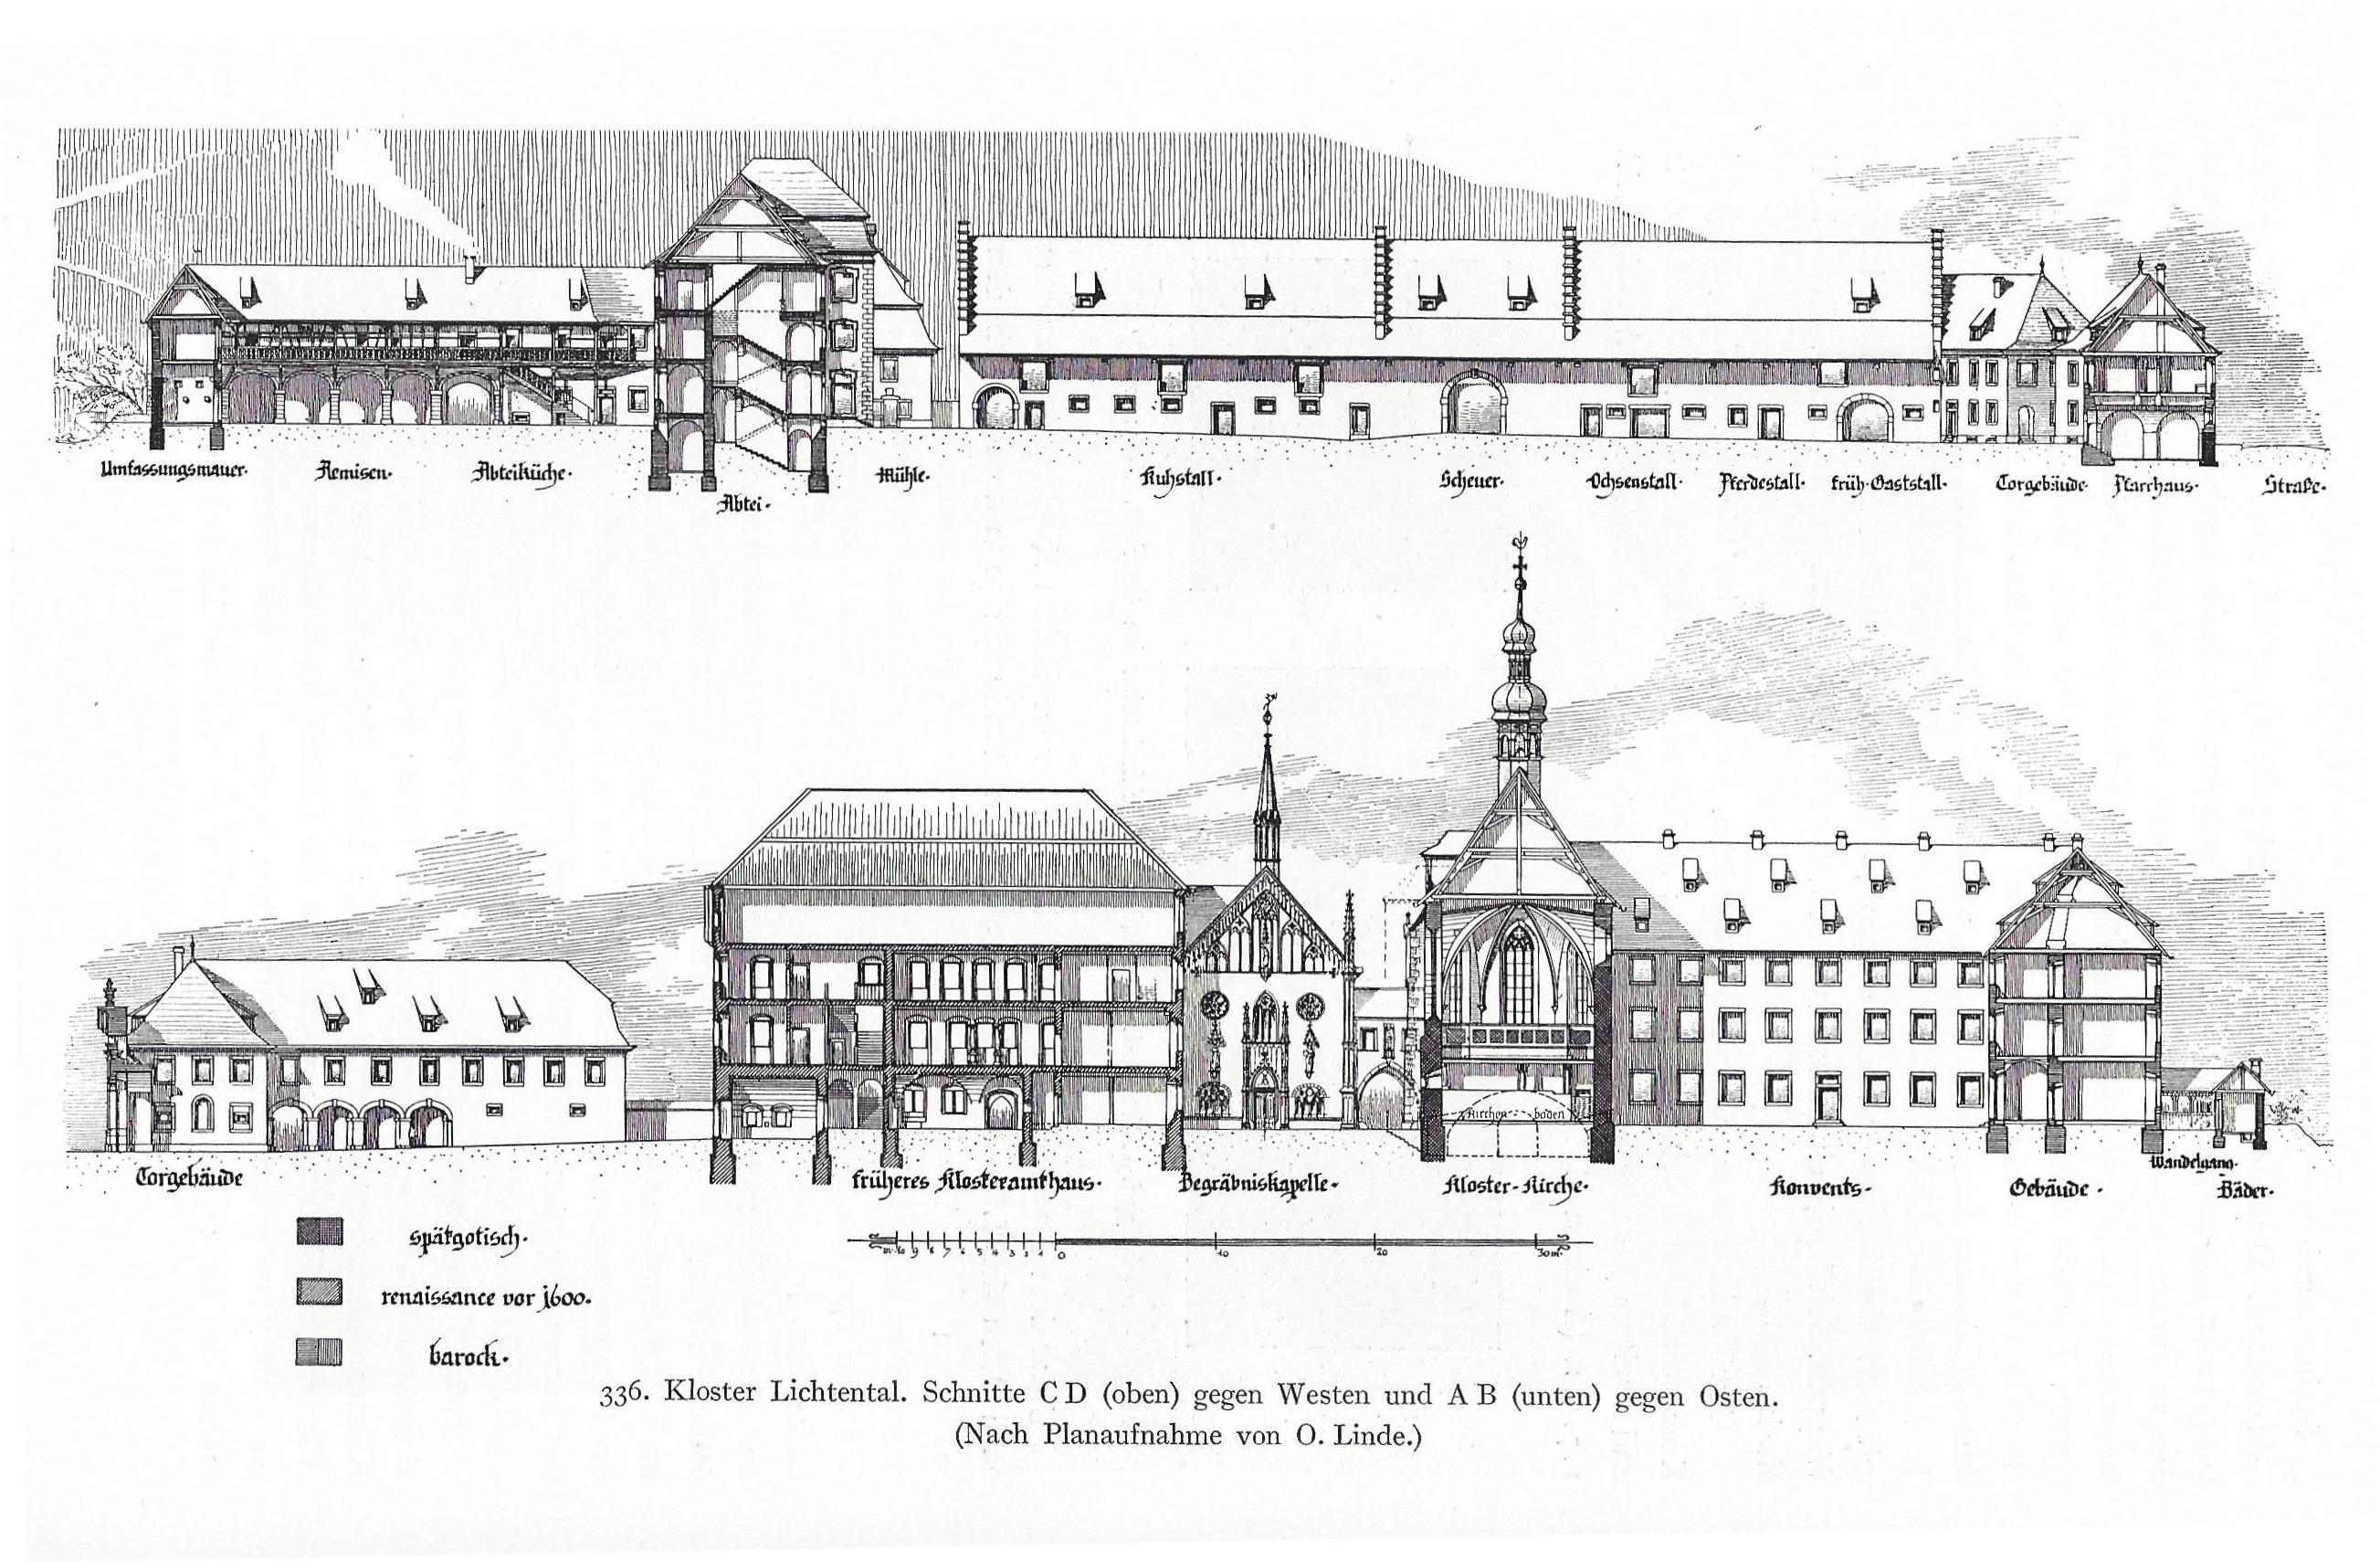 Kloster Lichtenthal Risszeichnung A